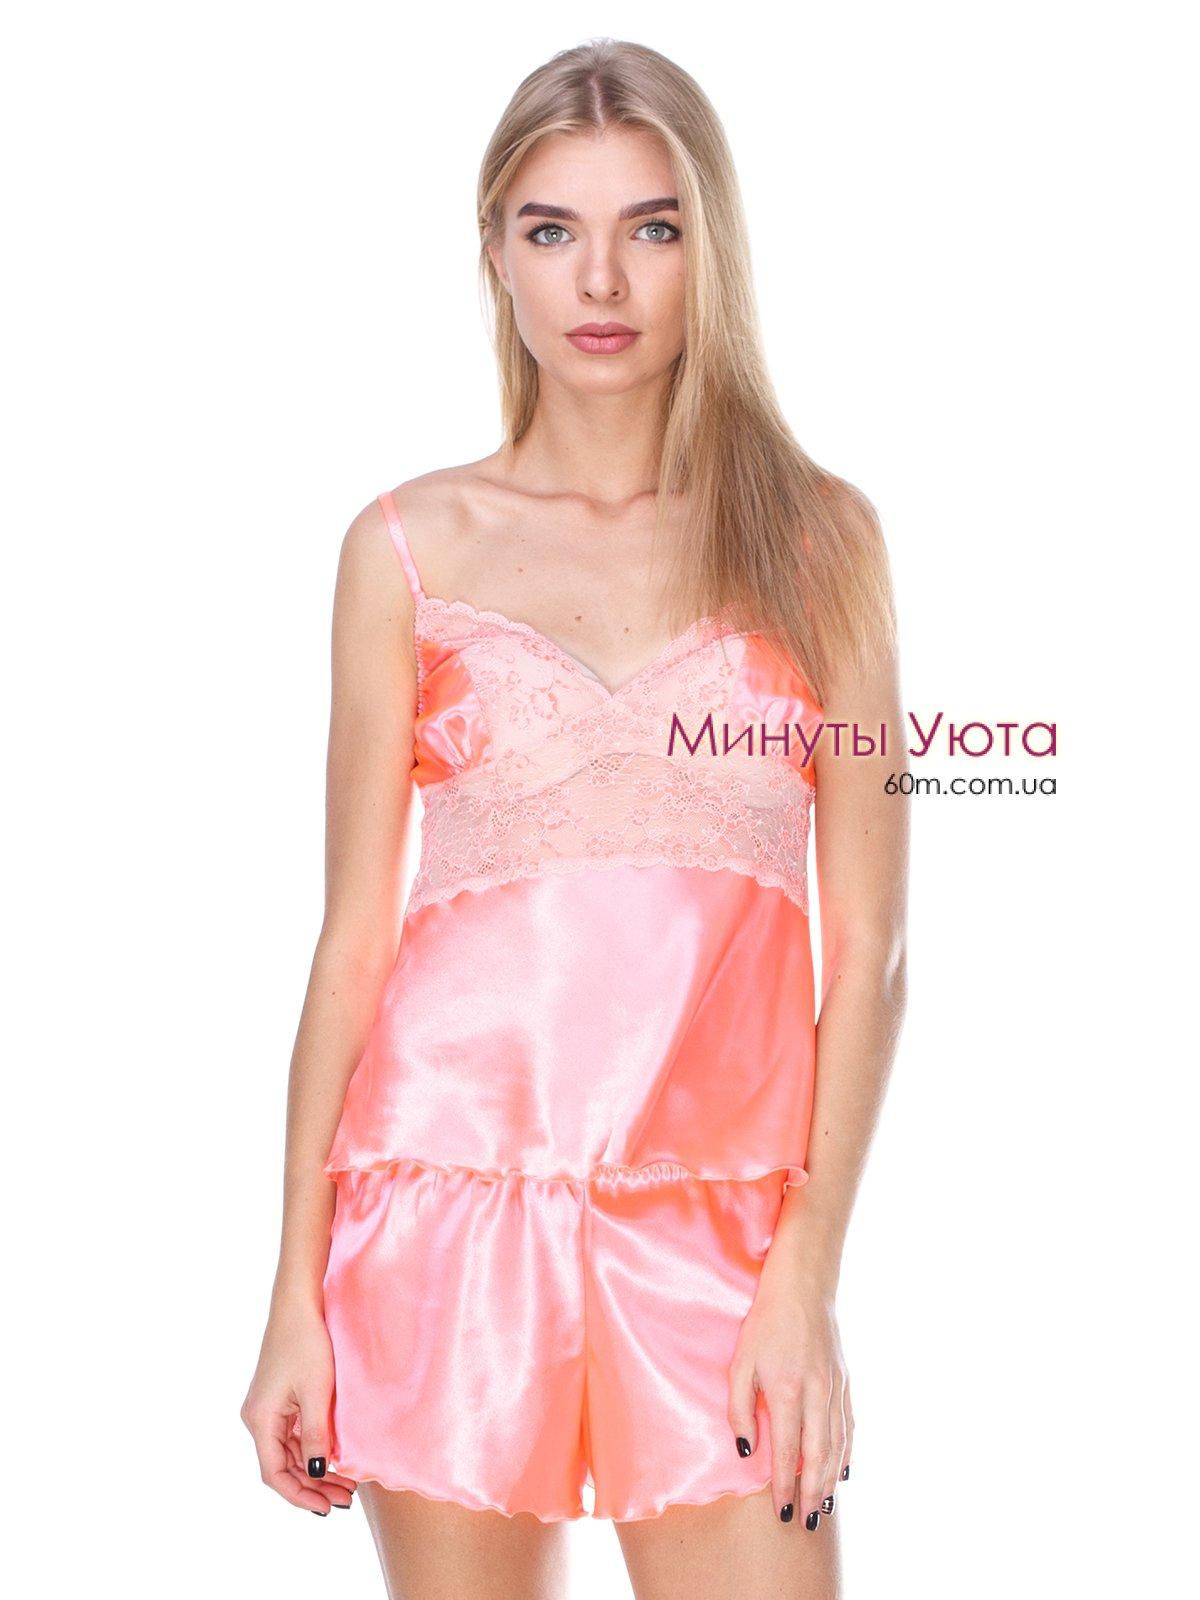 b1d1d7737c38 Атласный комплект майка и шорты абрикосового цвета купить Киев ...